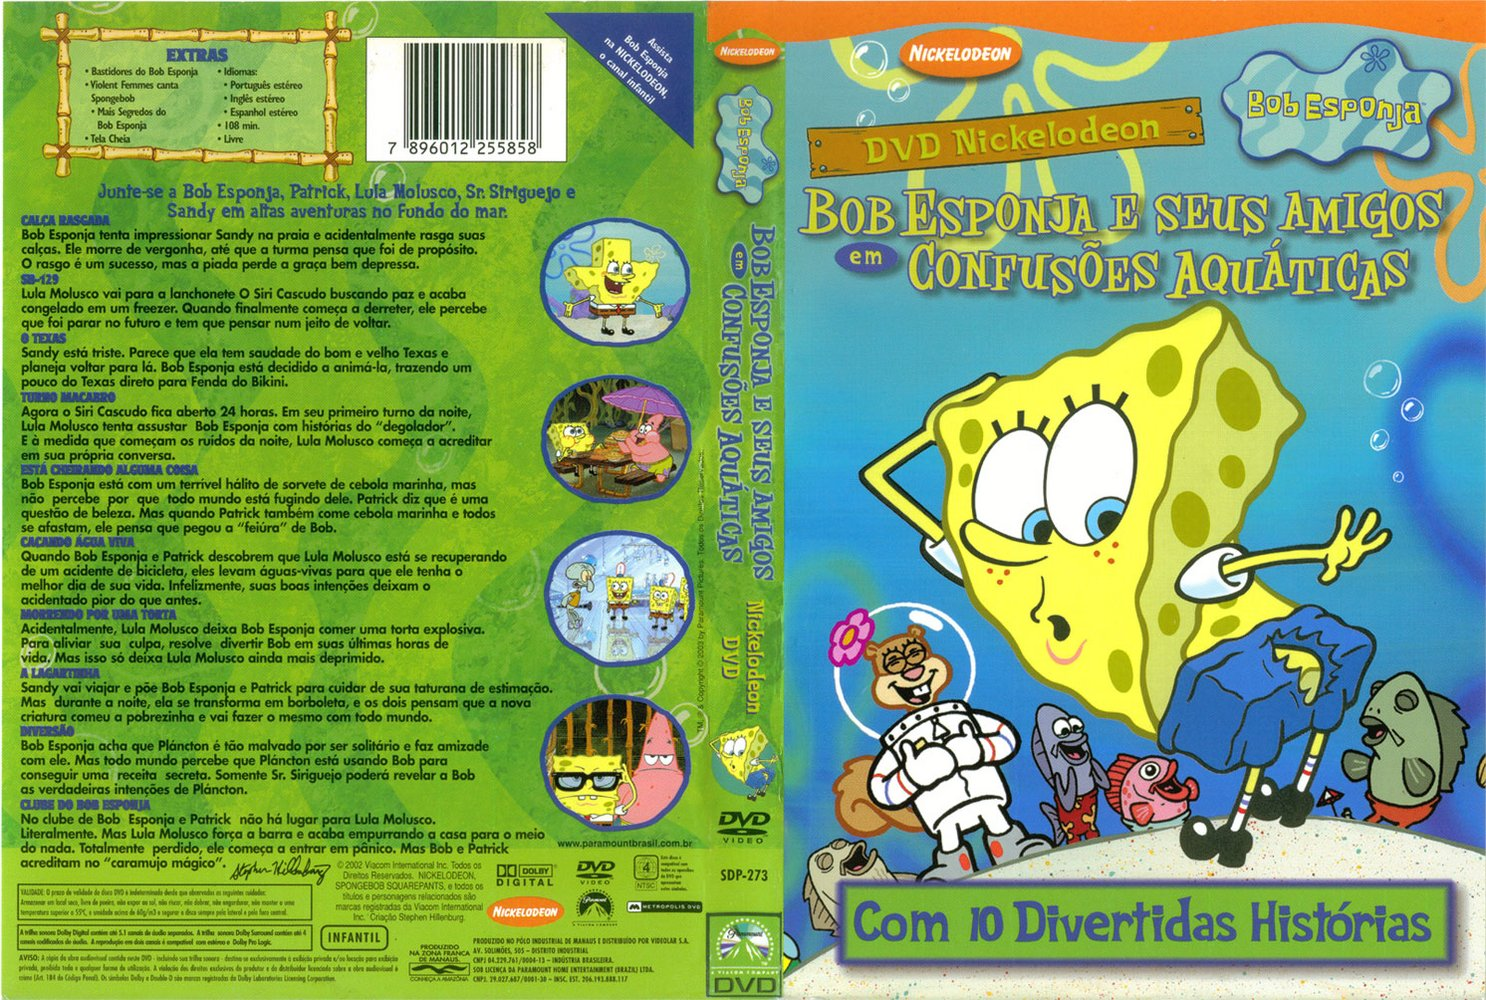 Bob Esponja La Pelicula 4En1 DVD COVER PACK. En La Actualidad No Existe  Pagina Que Sube Estos DVD Para Que Lo Descarguen Gratuitamente ( Ya Que Los  ...